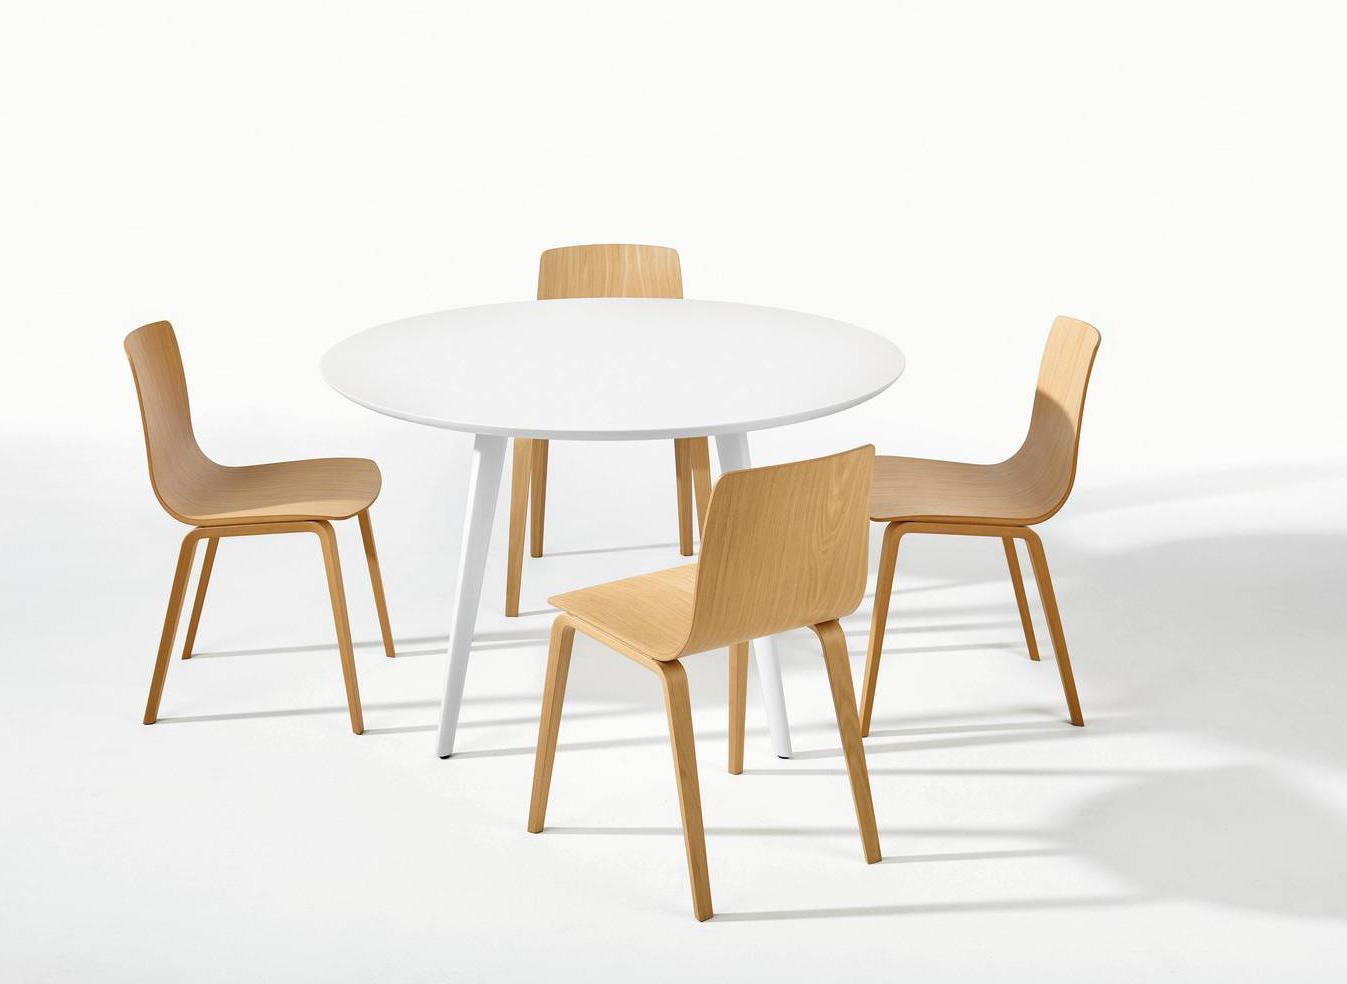 Tavolo rotondo: 4 proposte, con le sedie da abbinare Cose